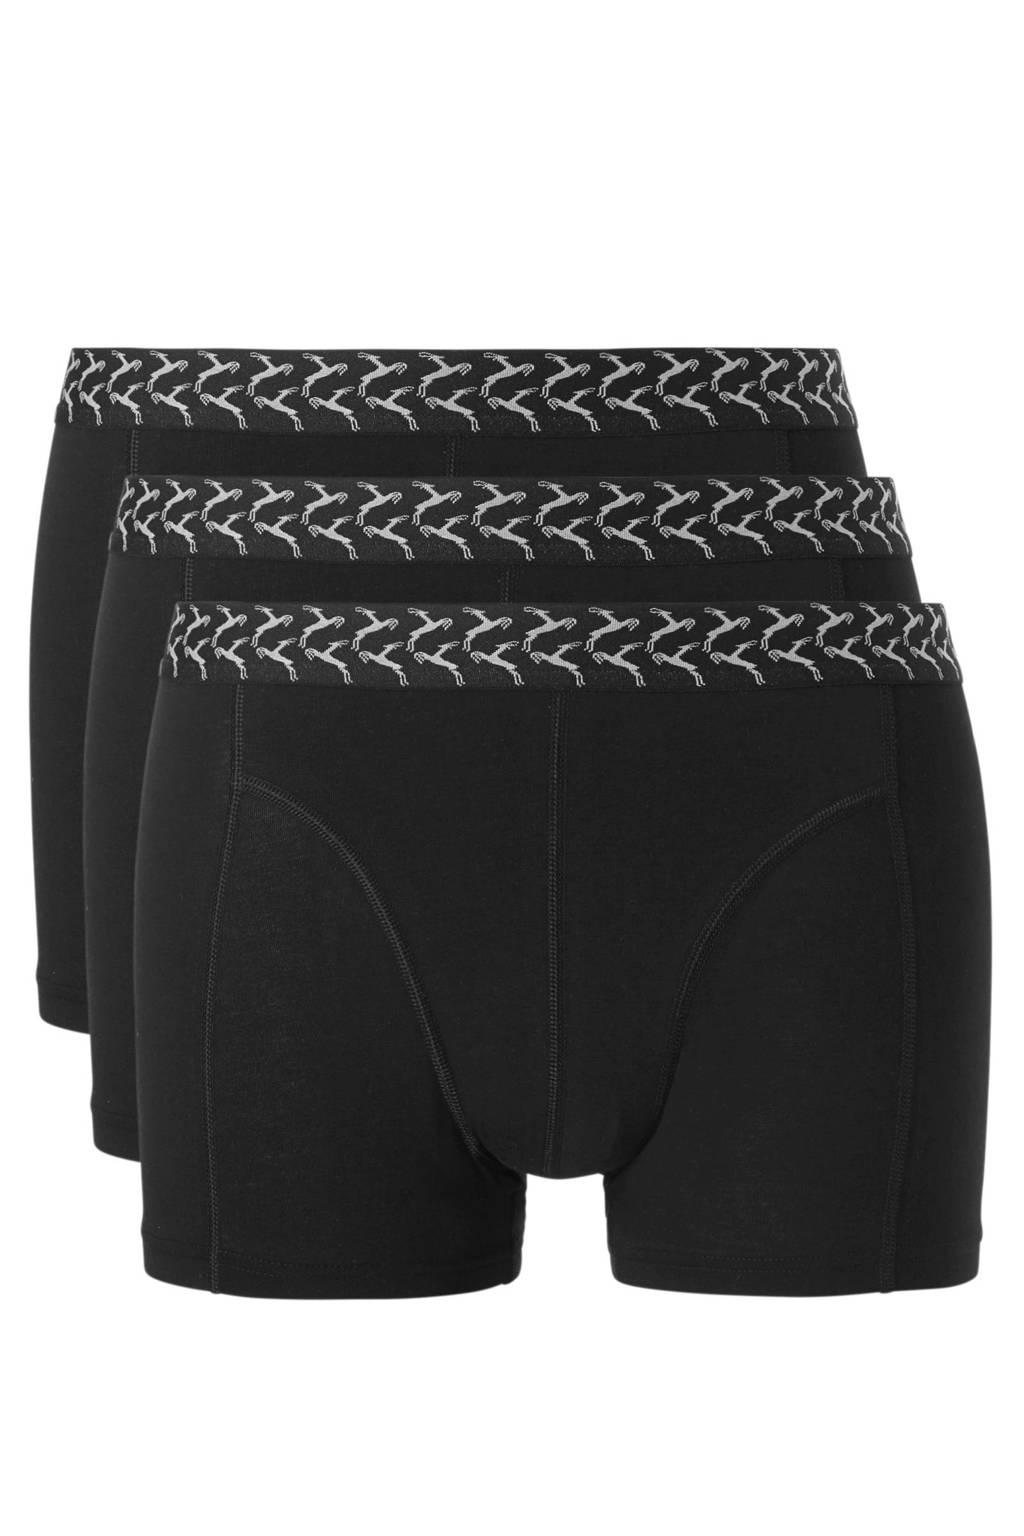 ten Cate boxershort (set van 3), Zwart